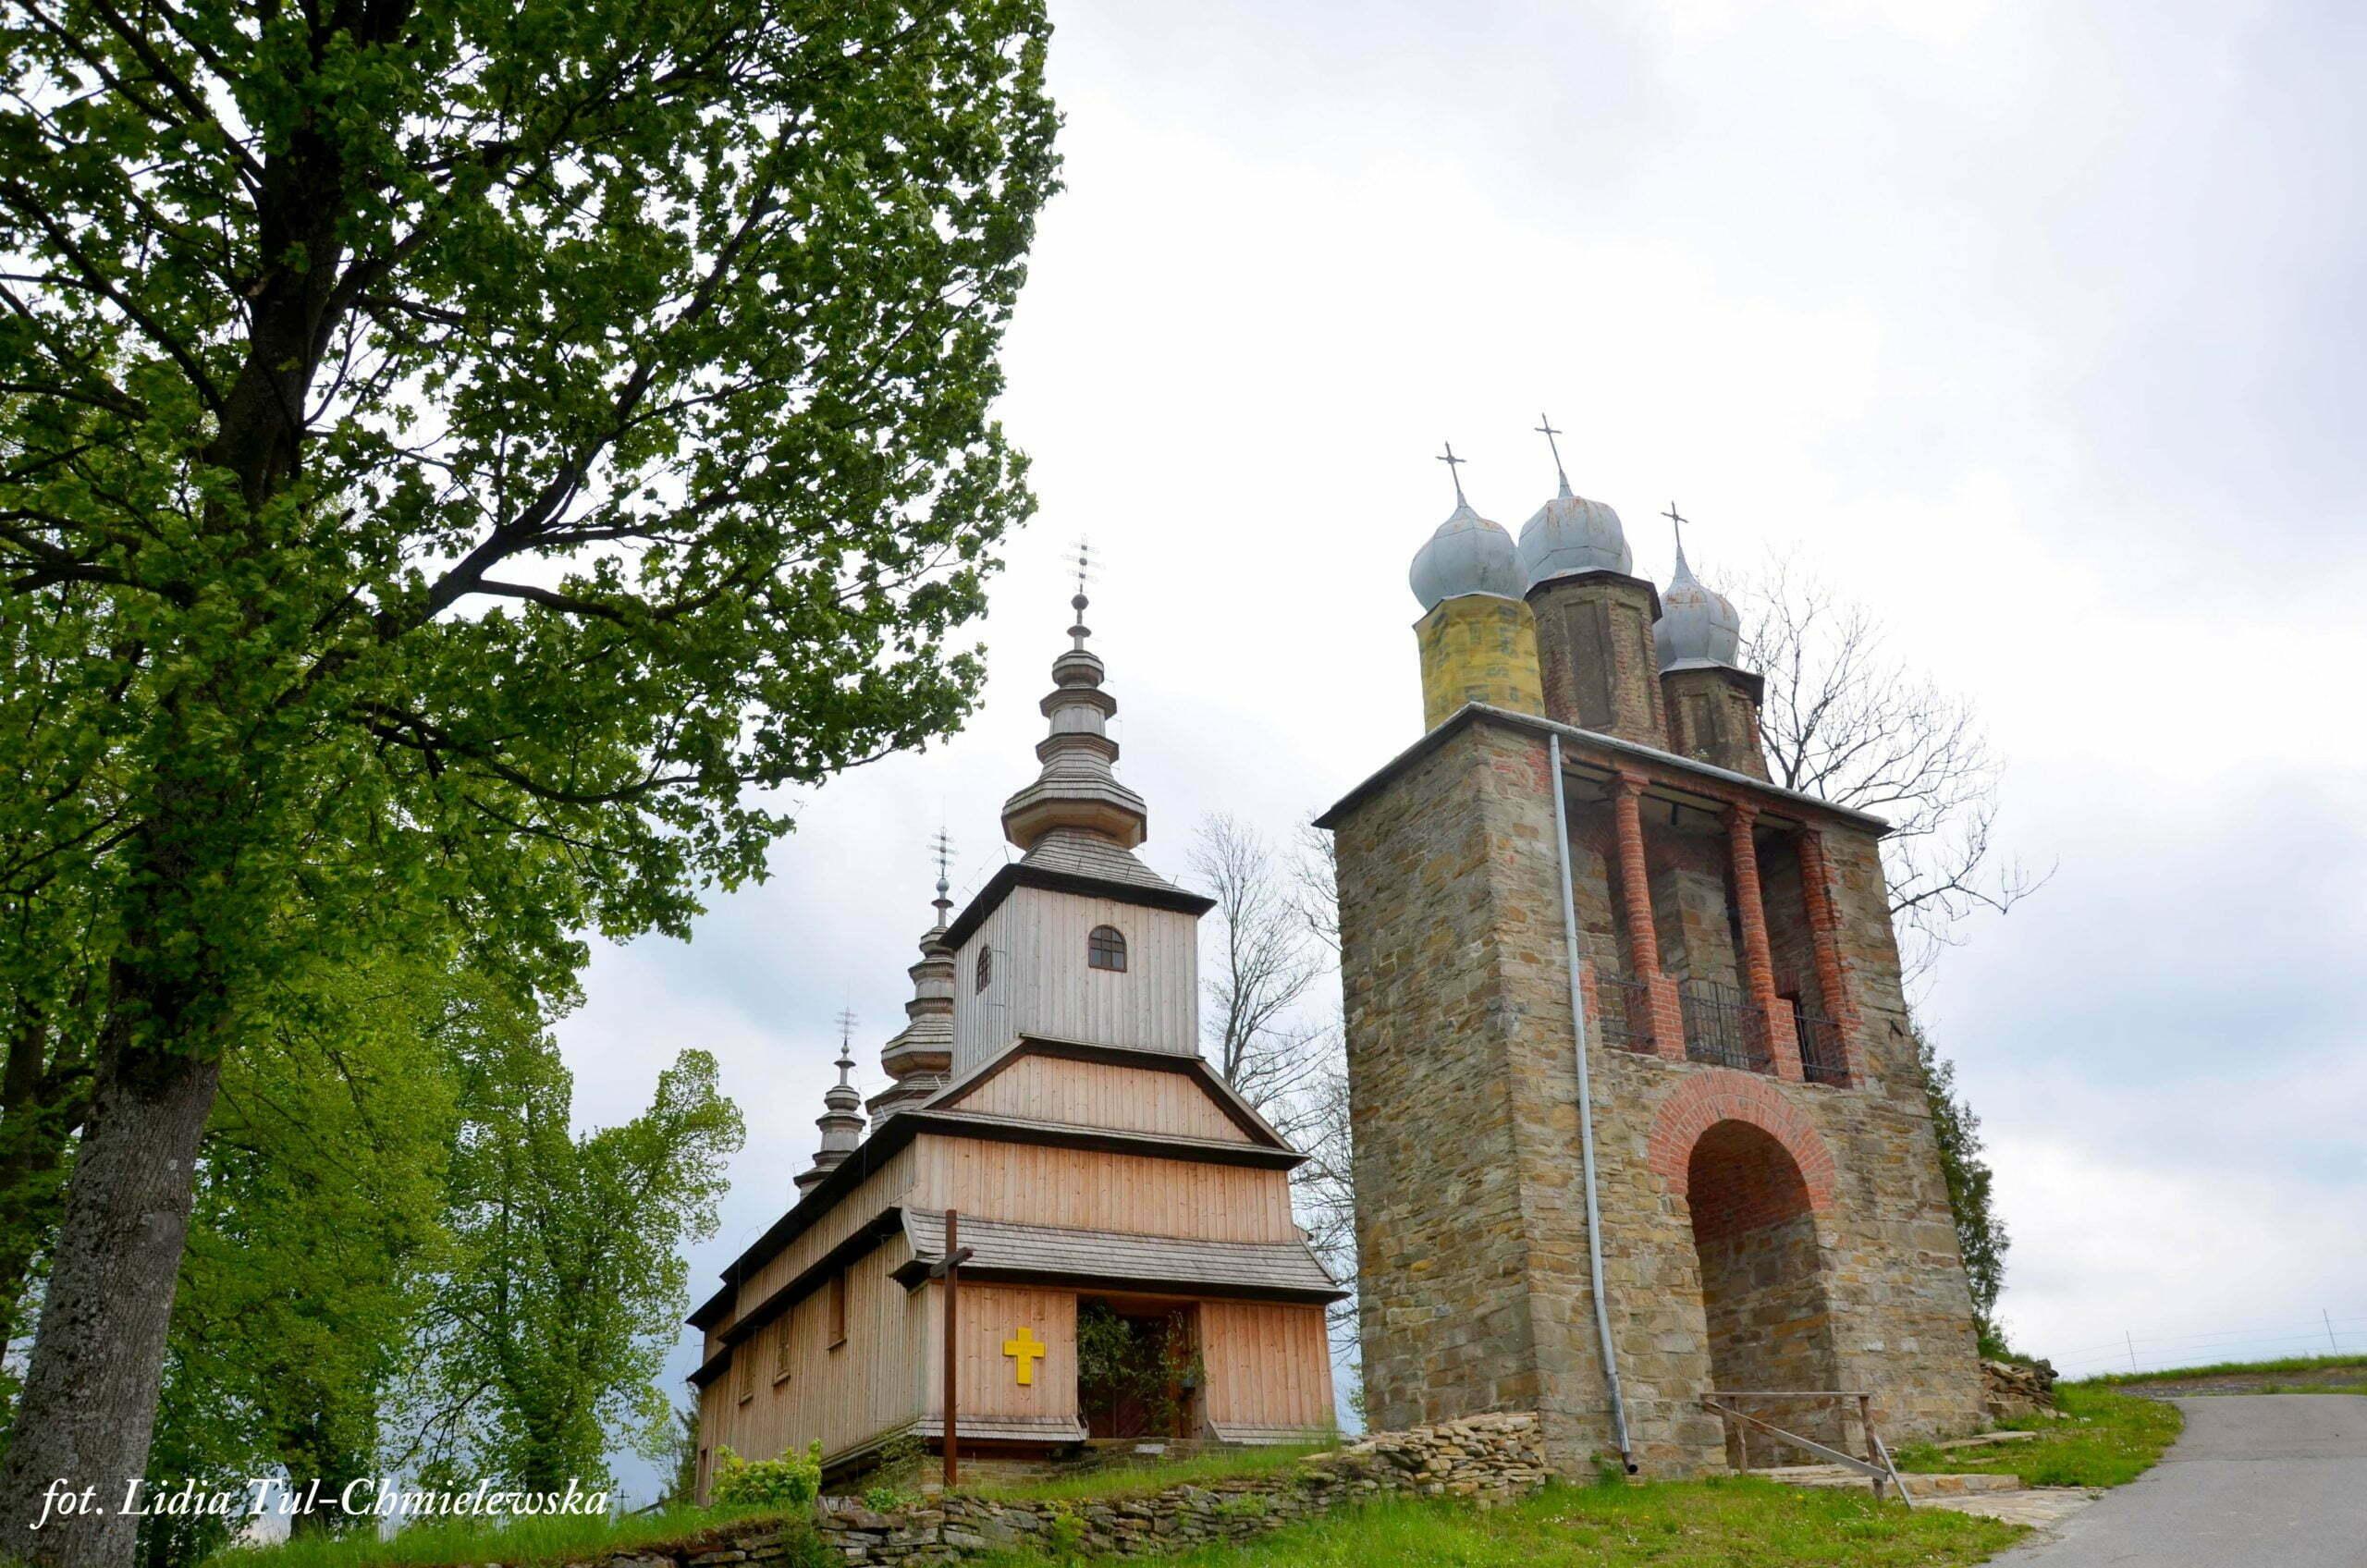 Cerkiew w Radoszycach / fot. Lidia Tul-Chmielewska